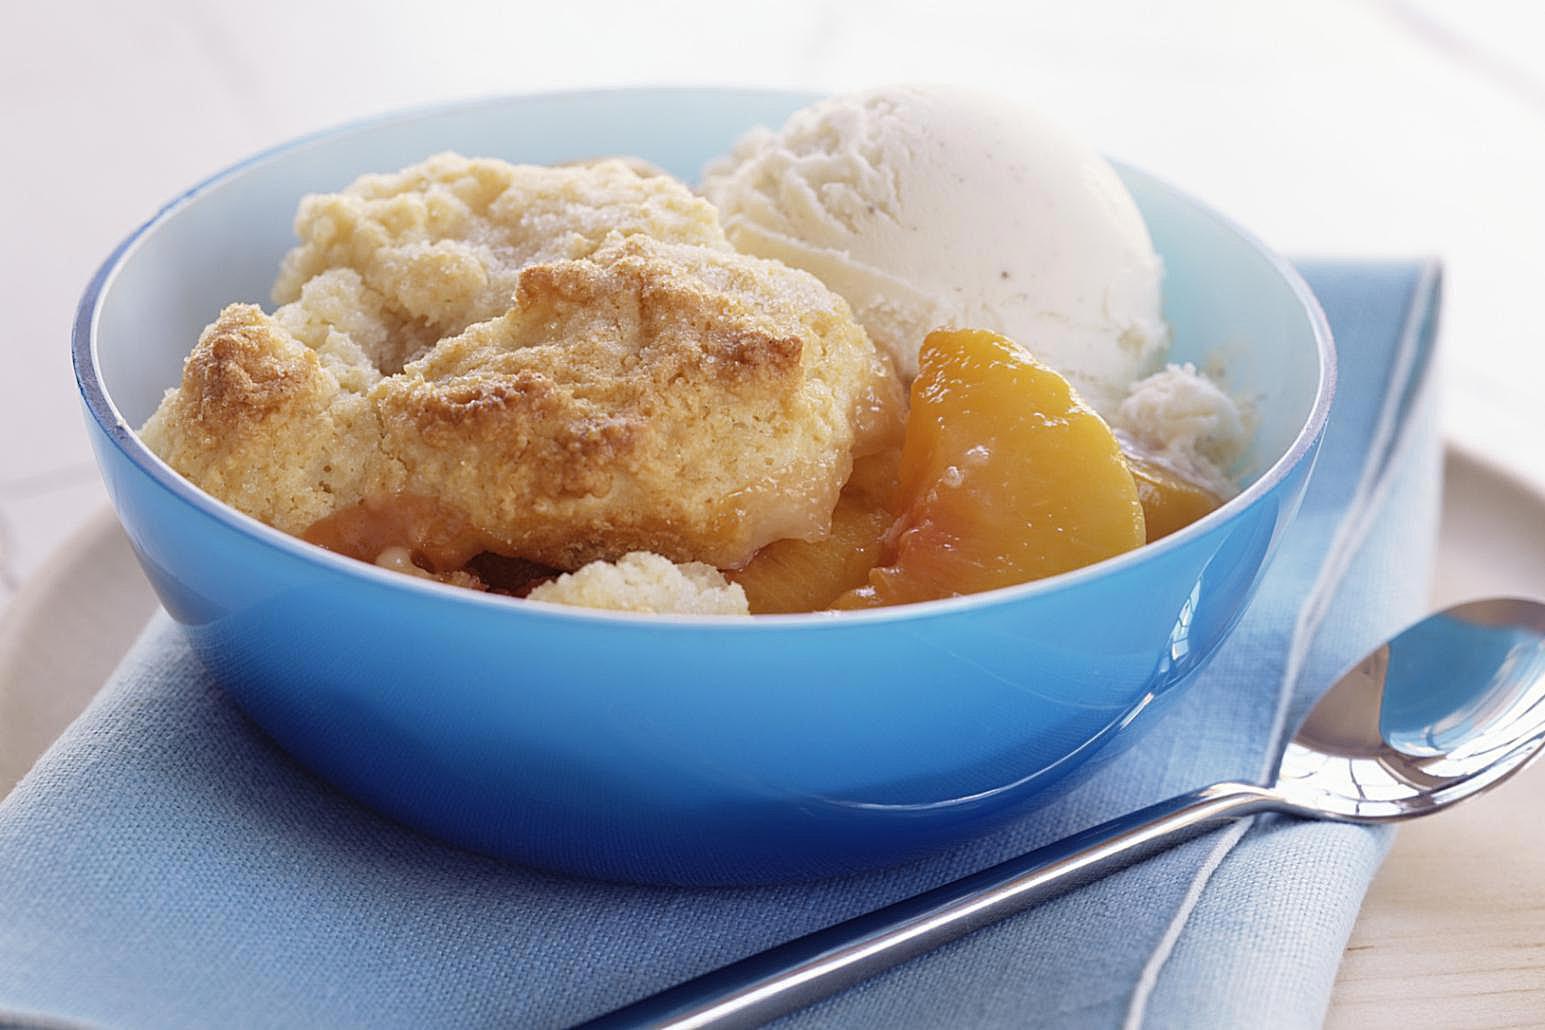 Peach cobbler a la mode in a blue bowl